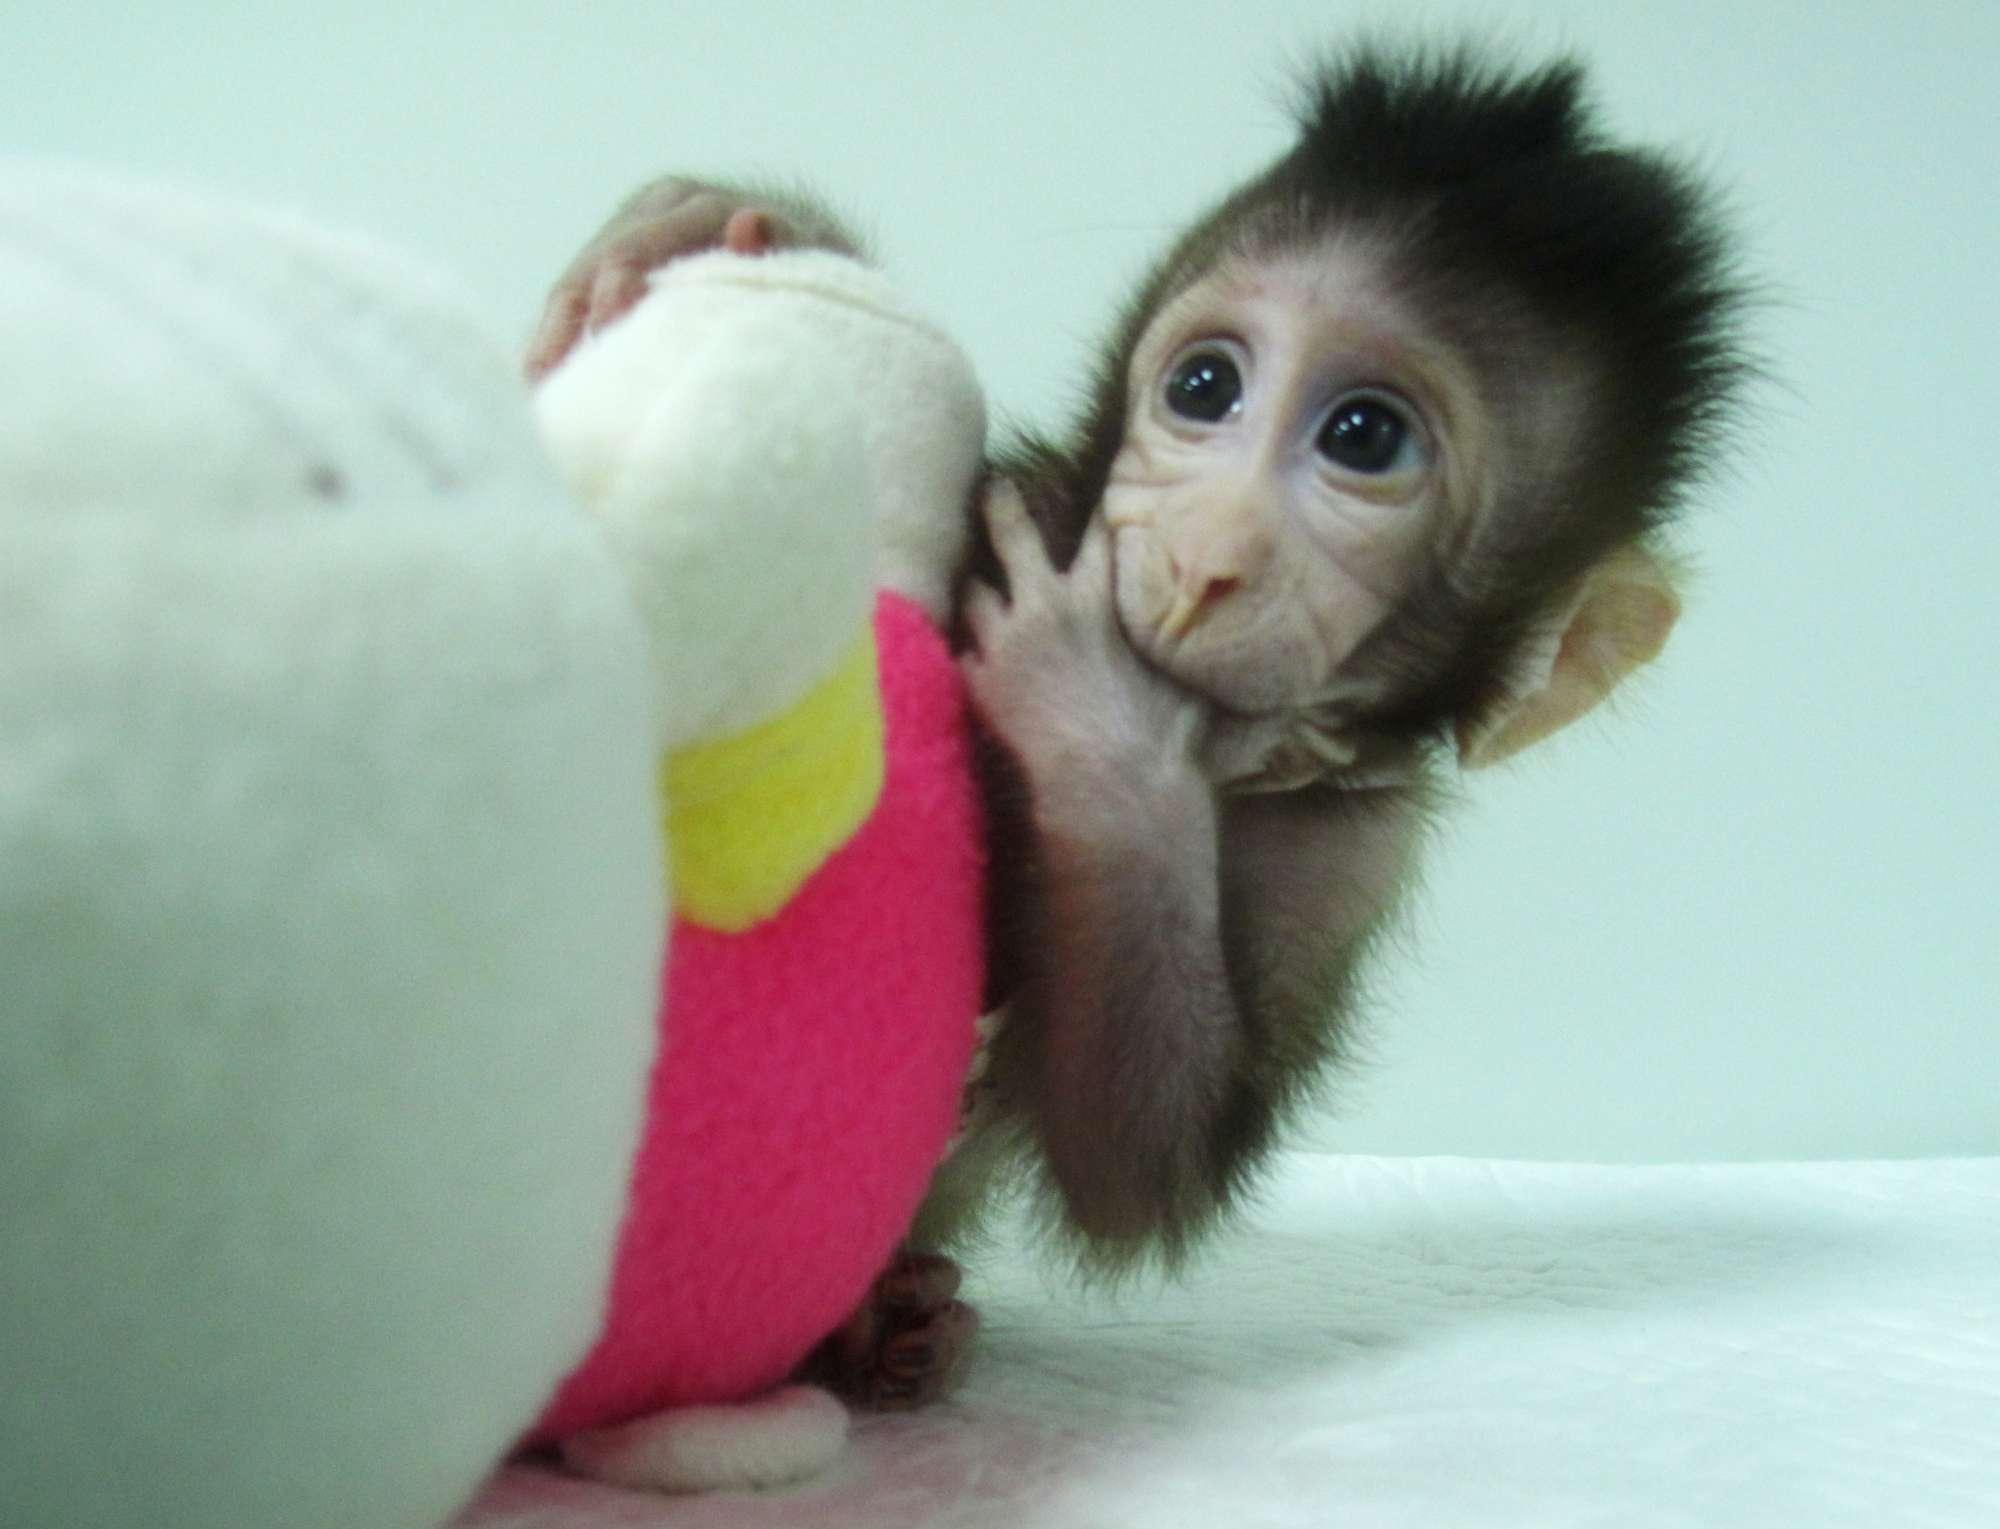 Prime scimmie clonate con la tecnica della pecora Dolly